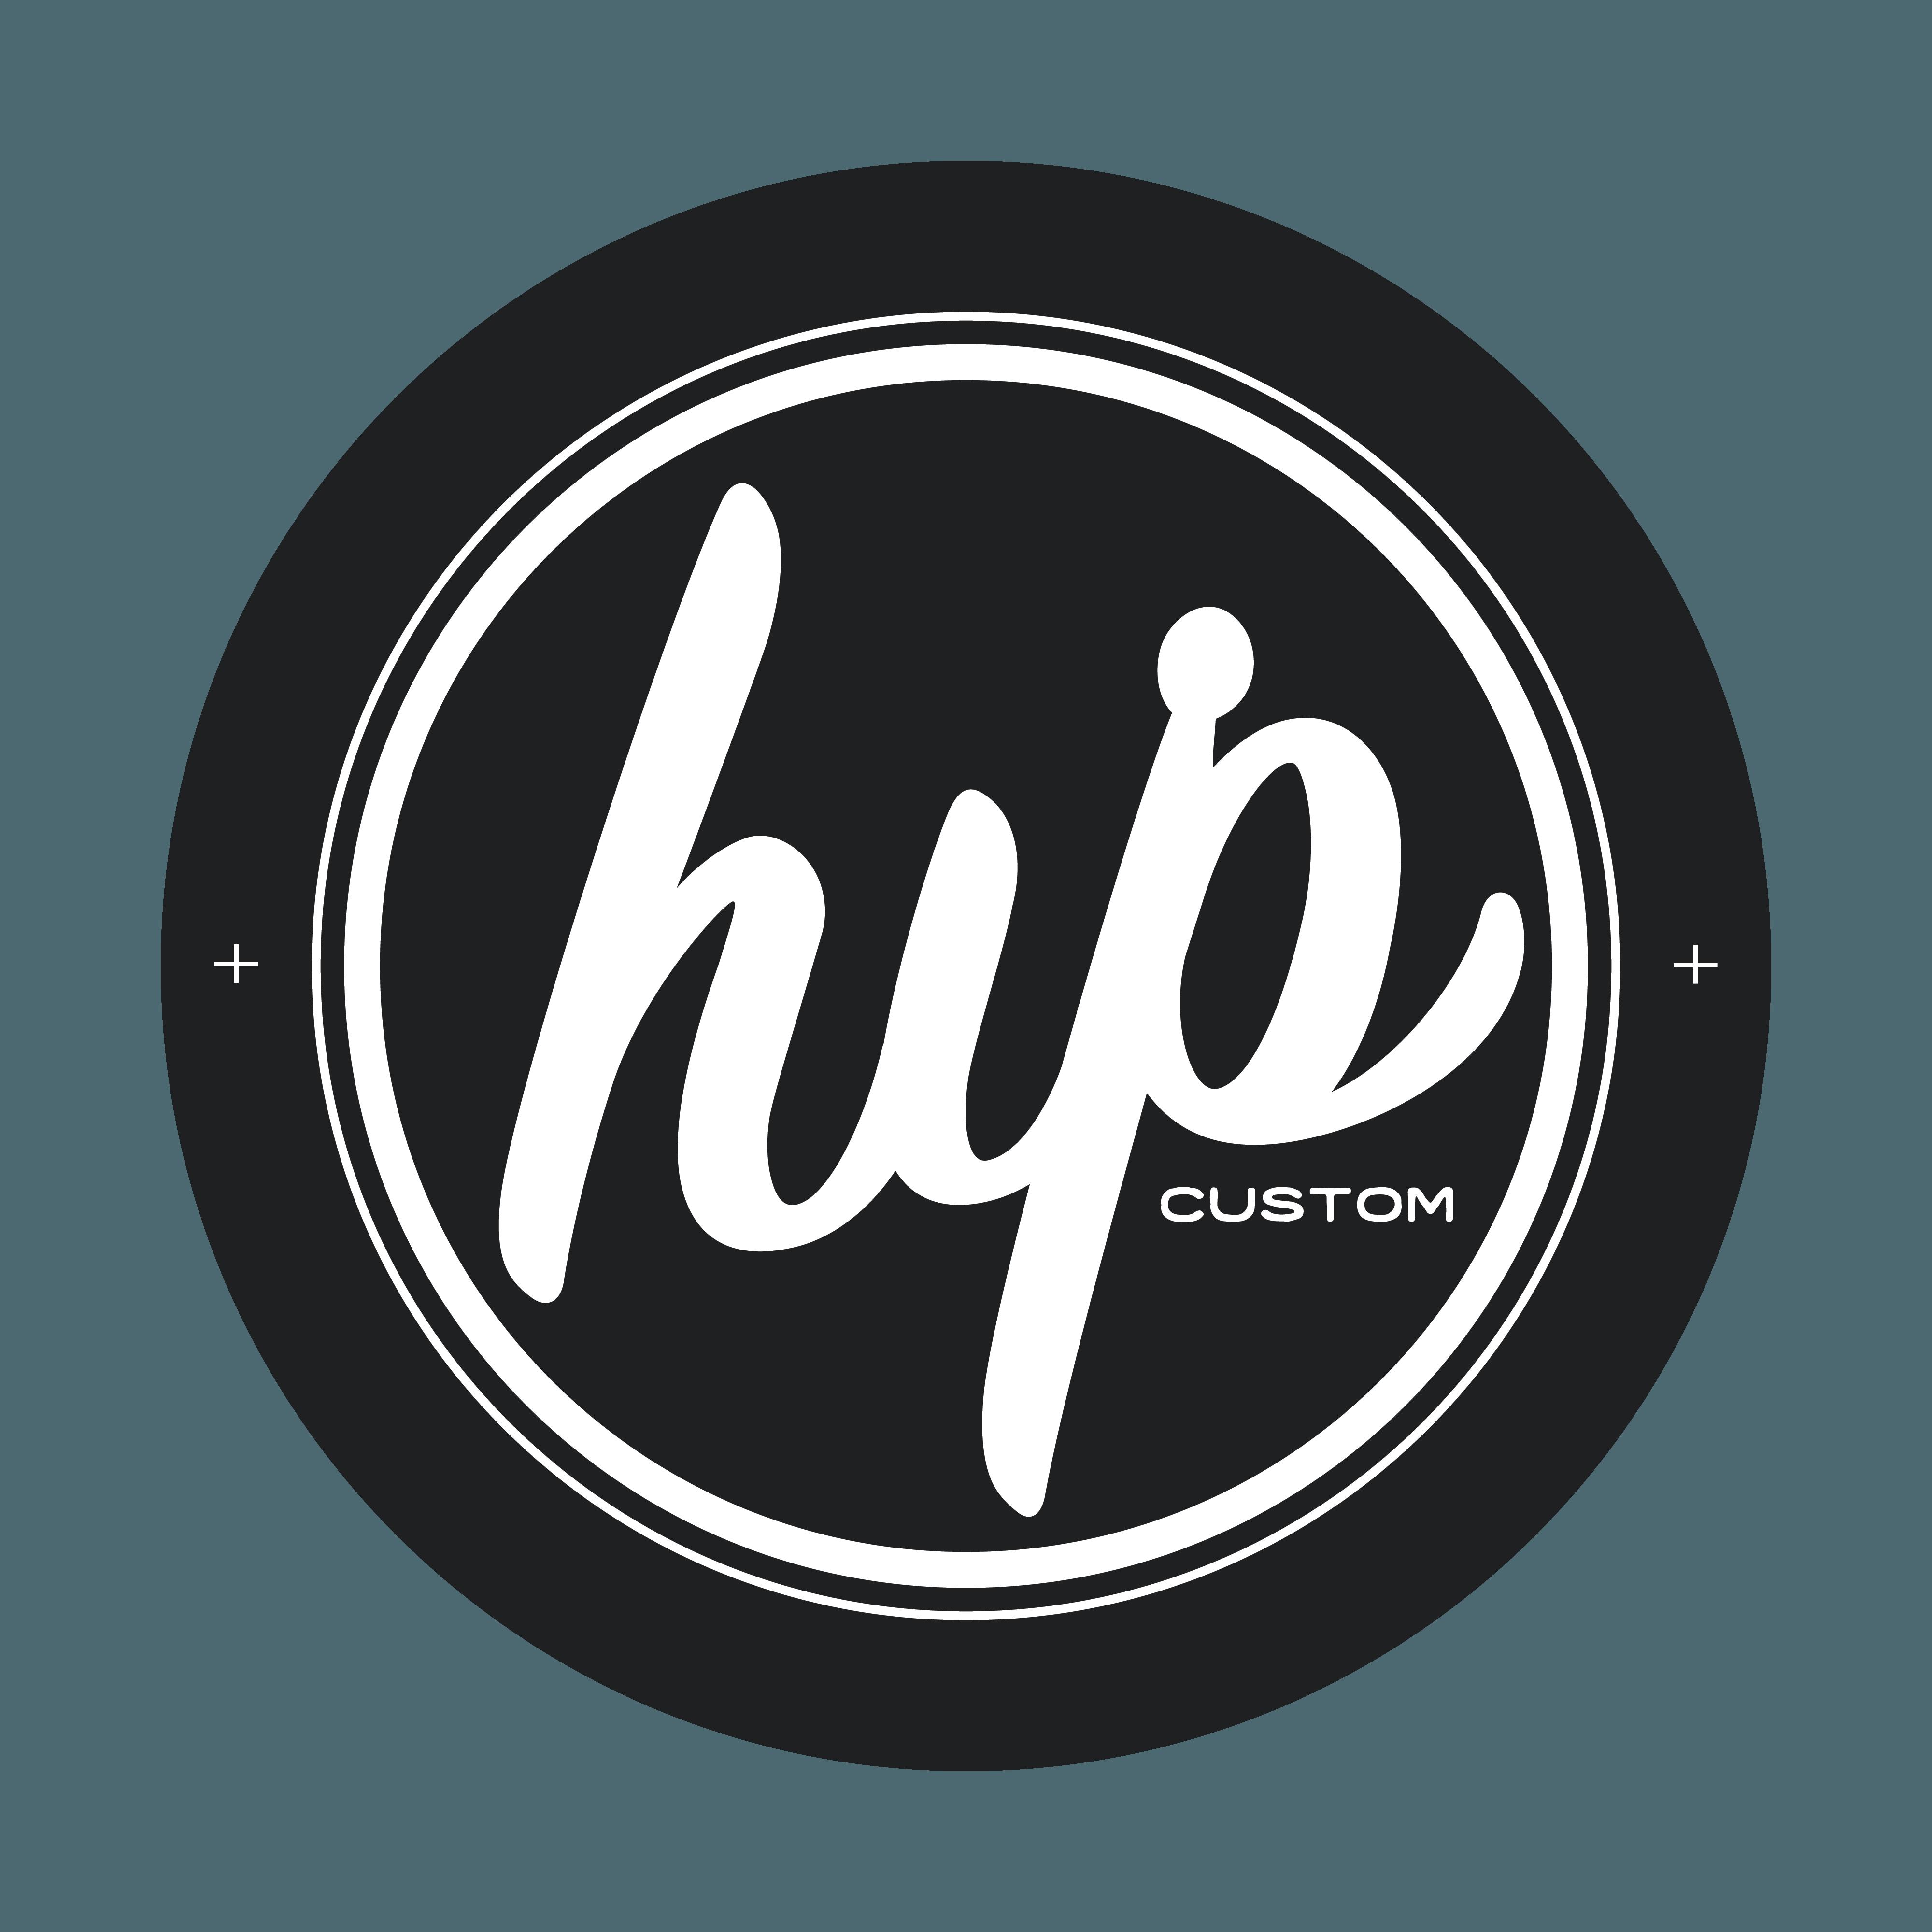 Hip Custom Logo